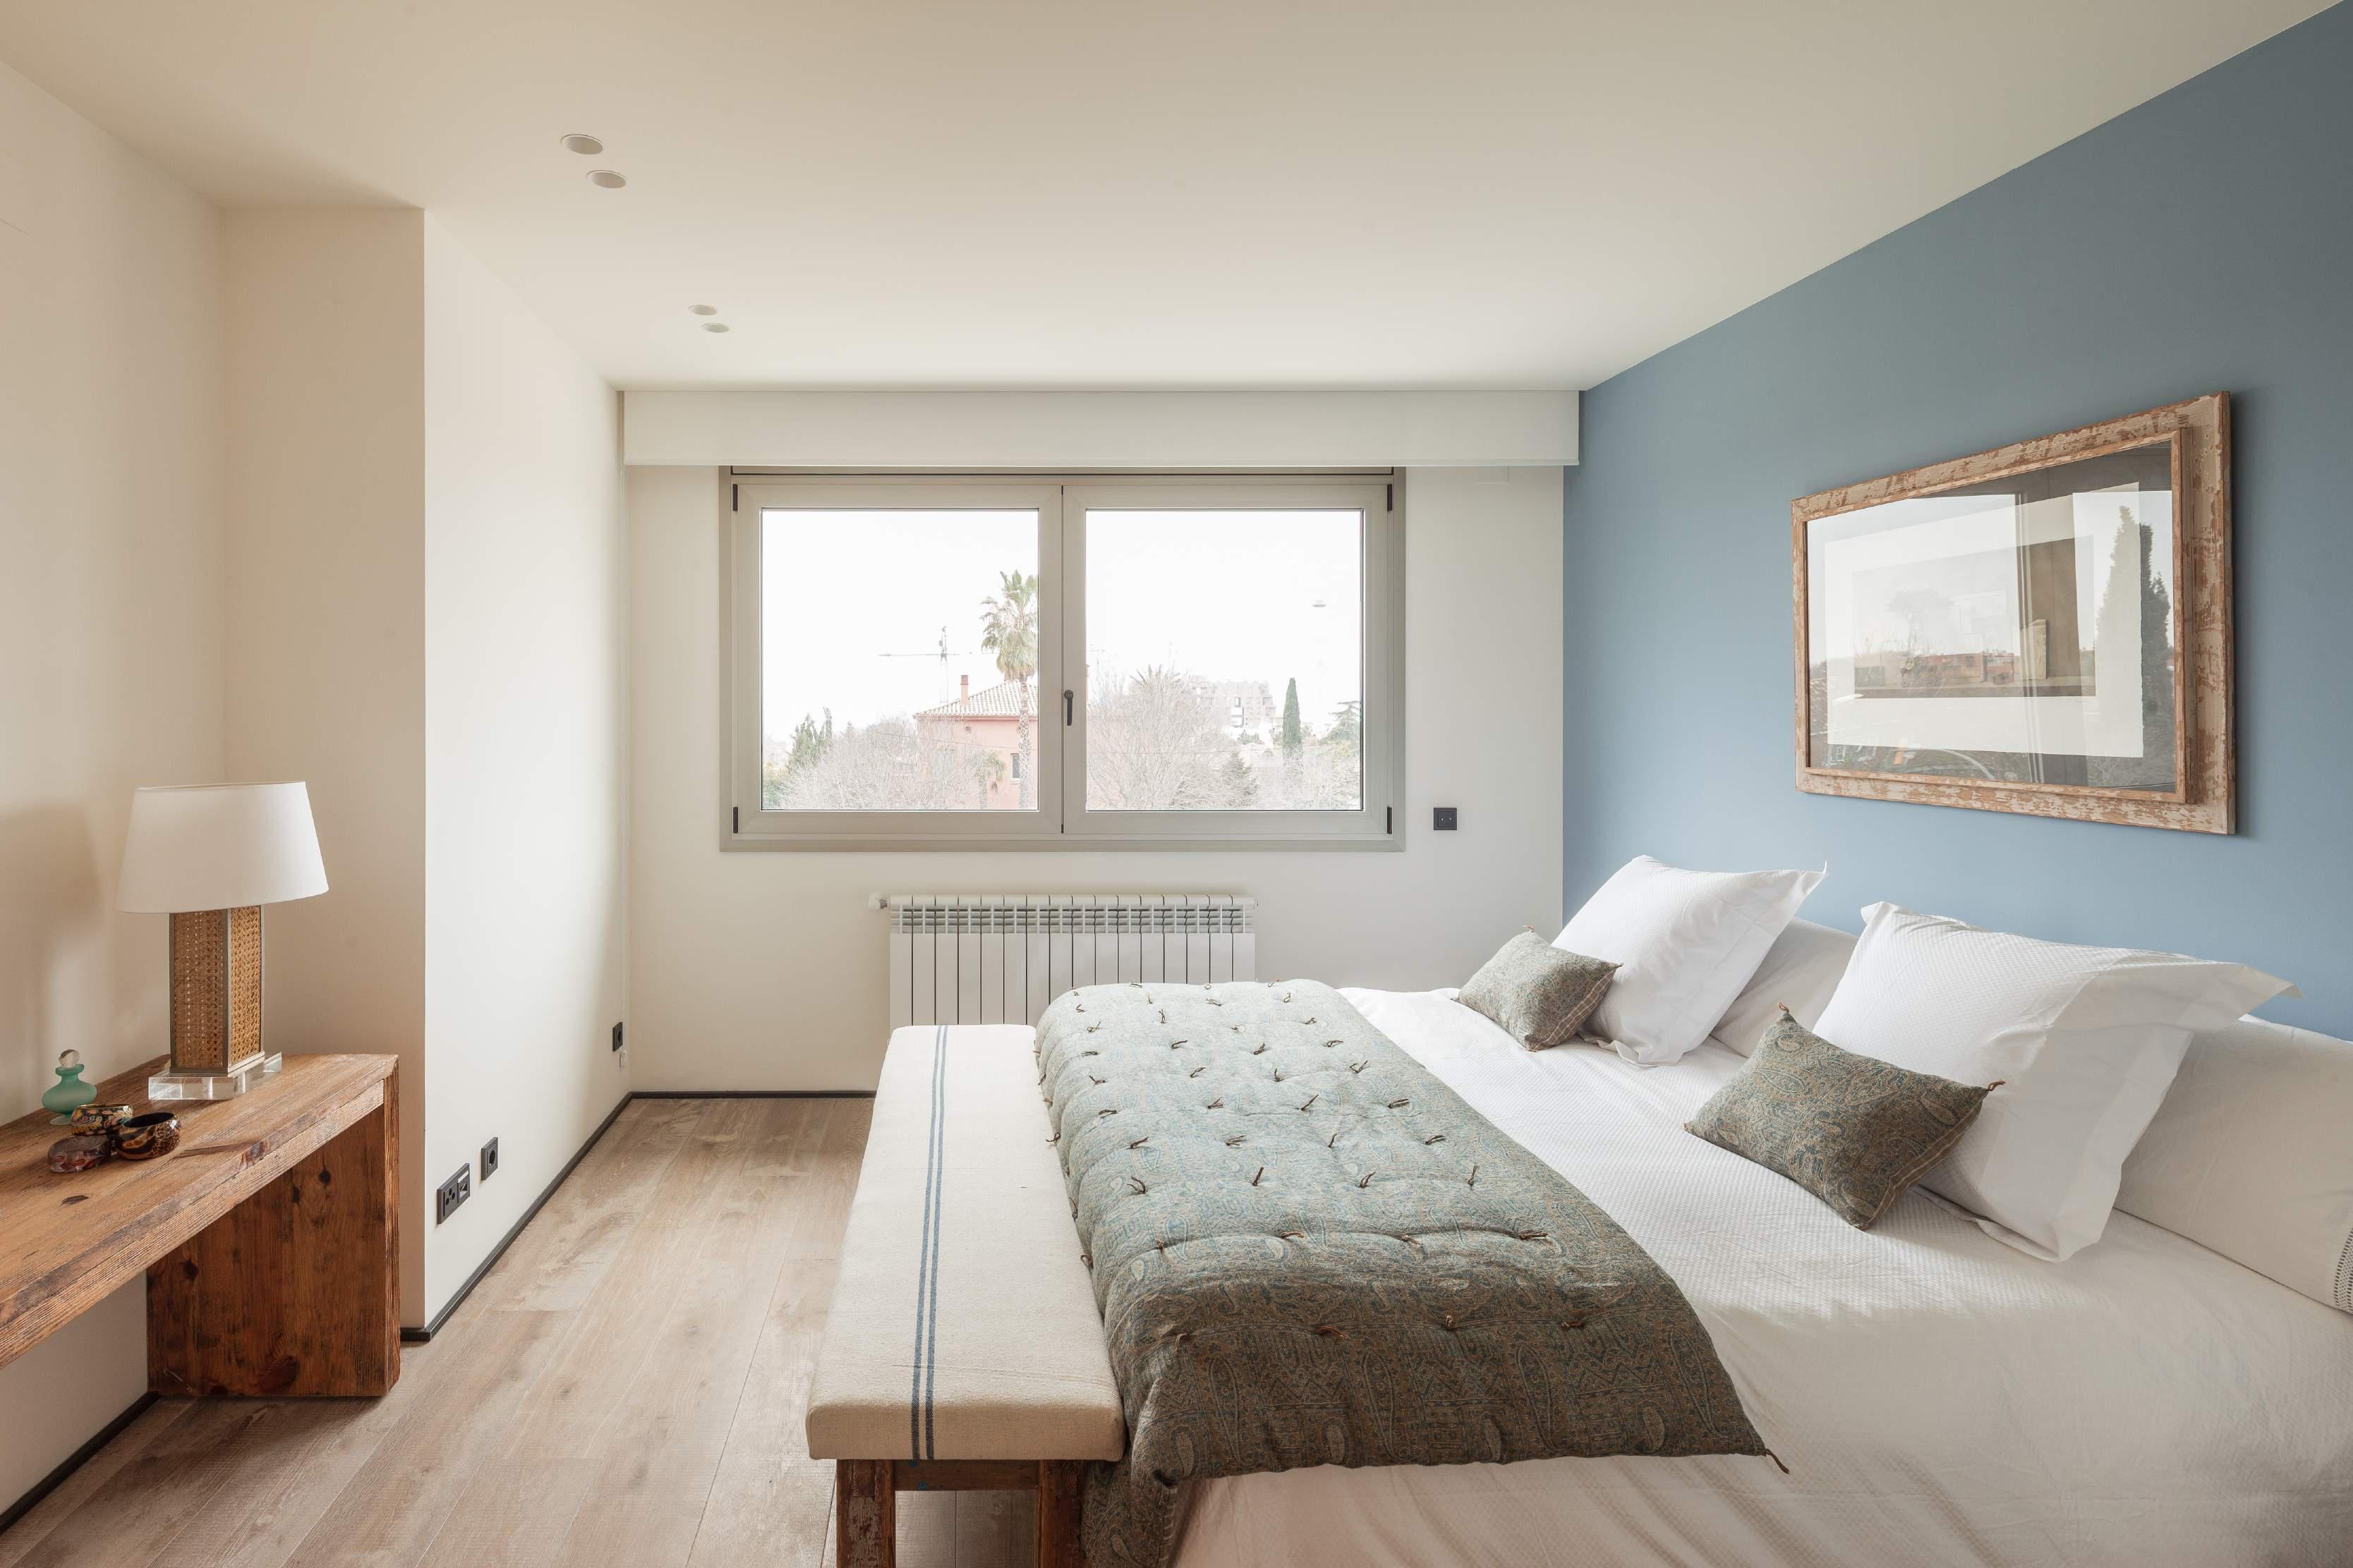 Расстановка мебели в спальне в лаконичном дизайне